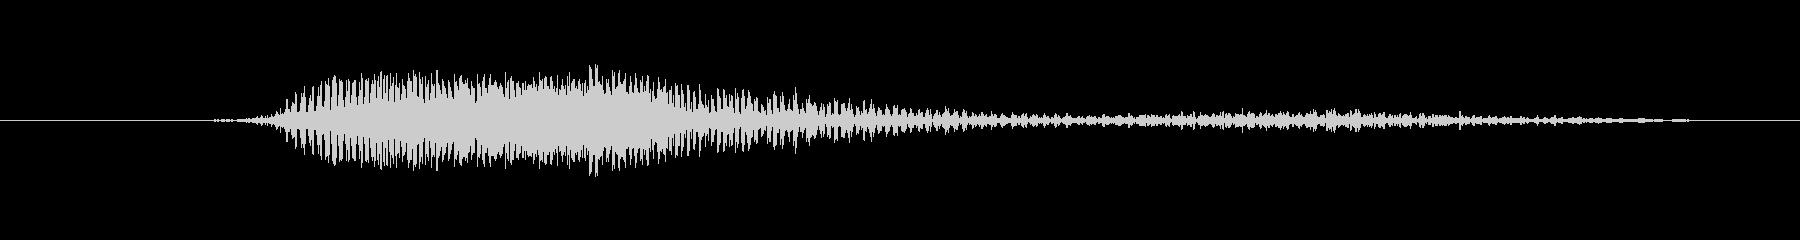 レプラコーン ガスプヒット03の未再生の波形